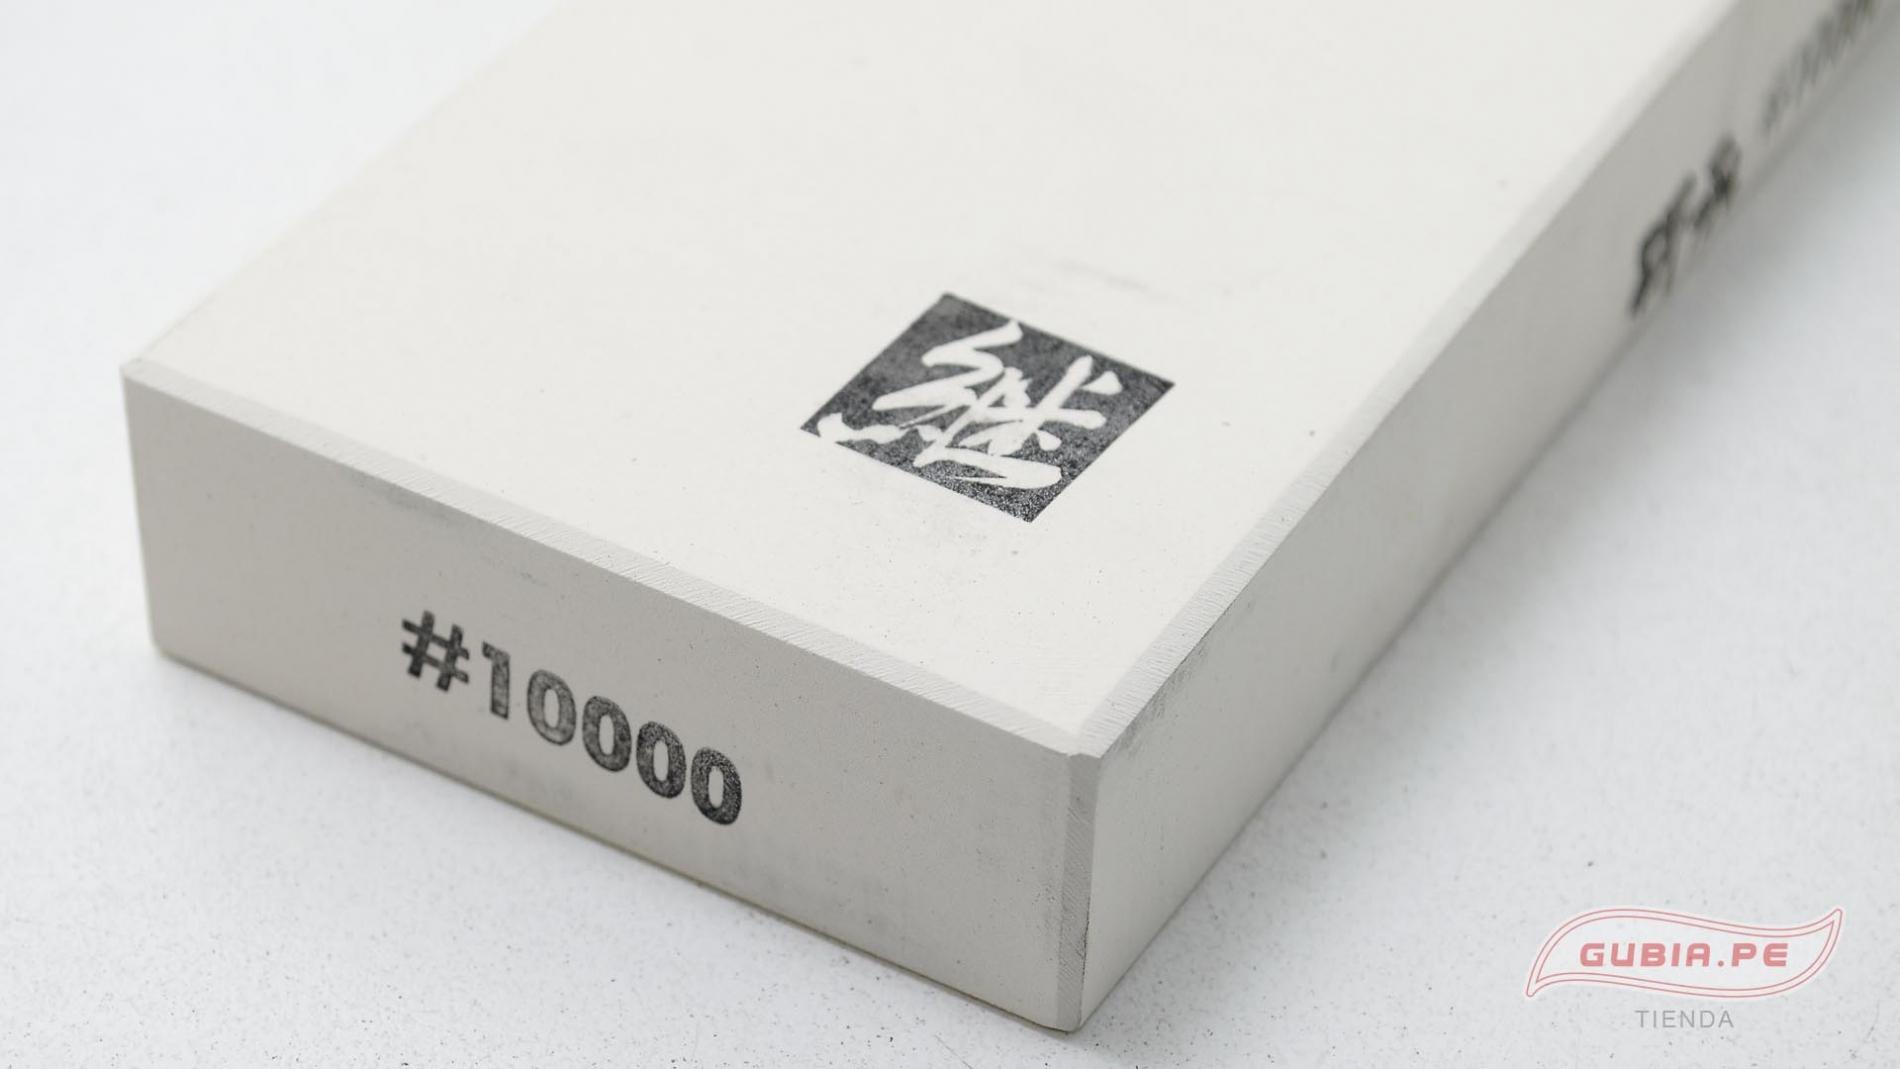 KSK10000-Piedra de asentar 10000 pulir filo de cuchillos Ken Syou Kei-max-3.